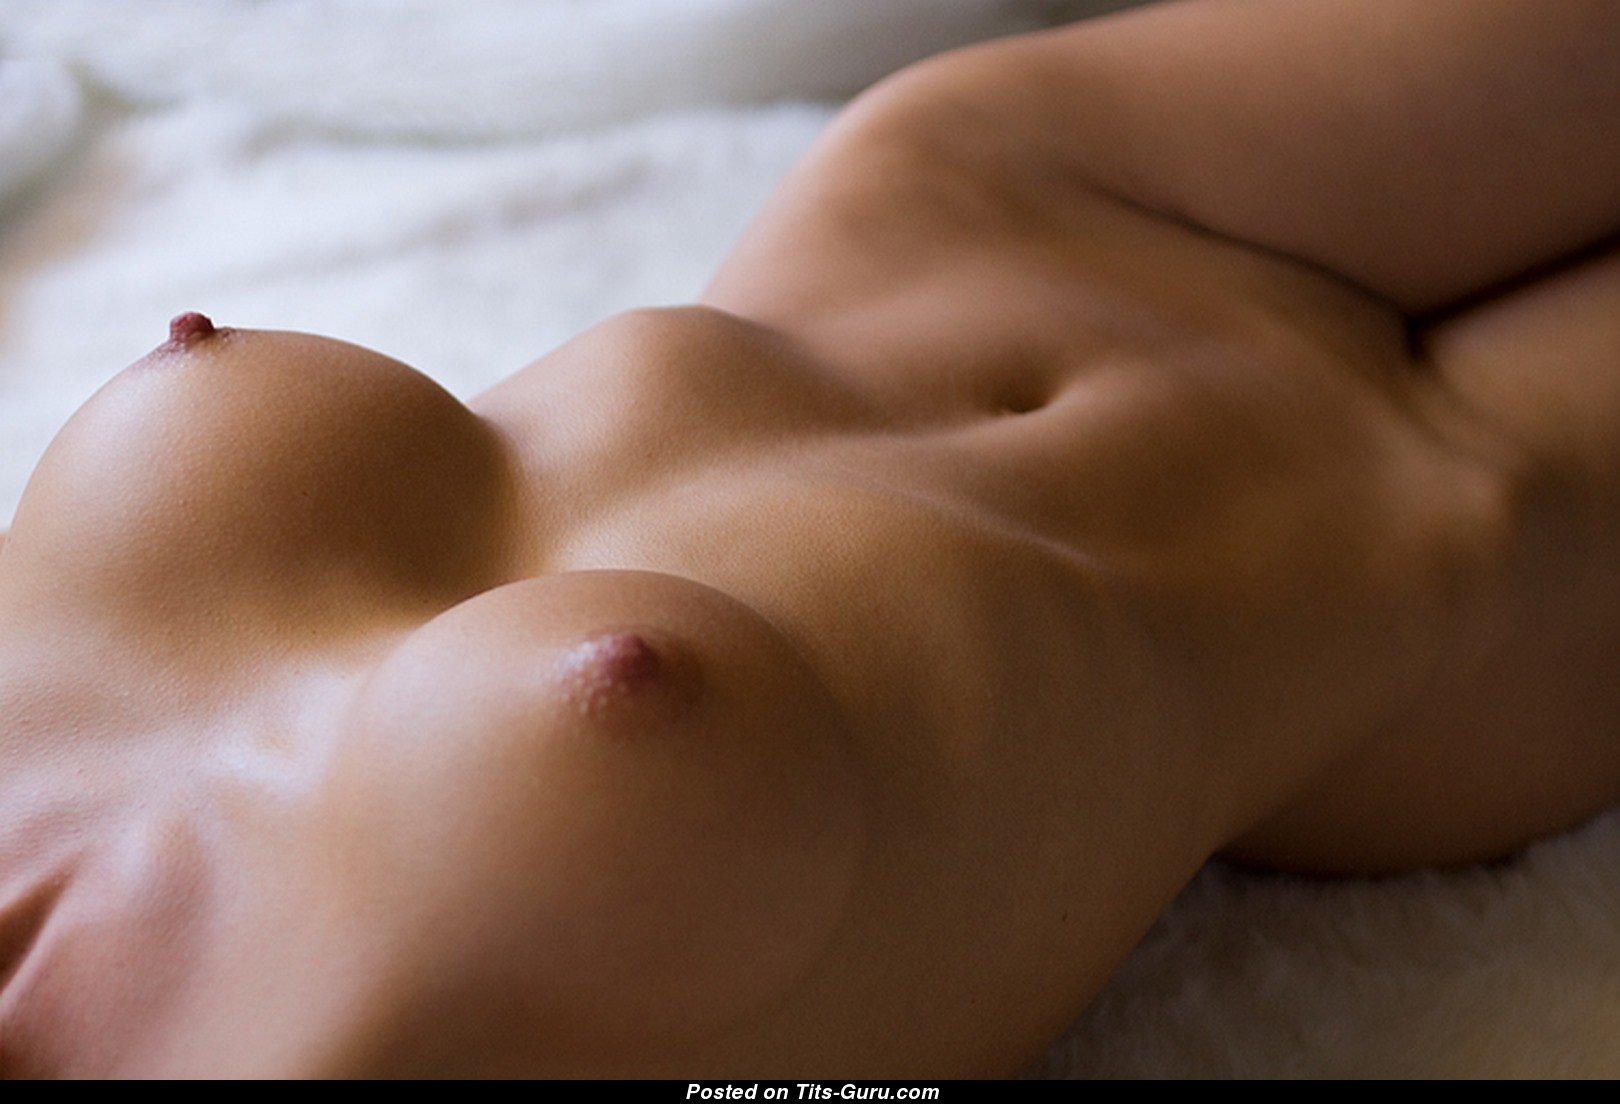 деньгой фотка без лица обнаженной девушки нудистки дадут вам